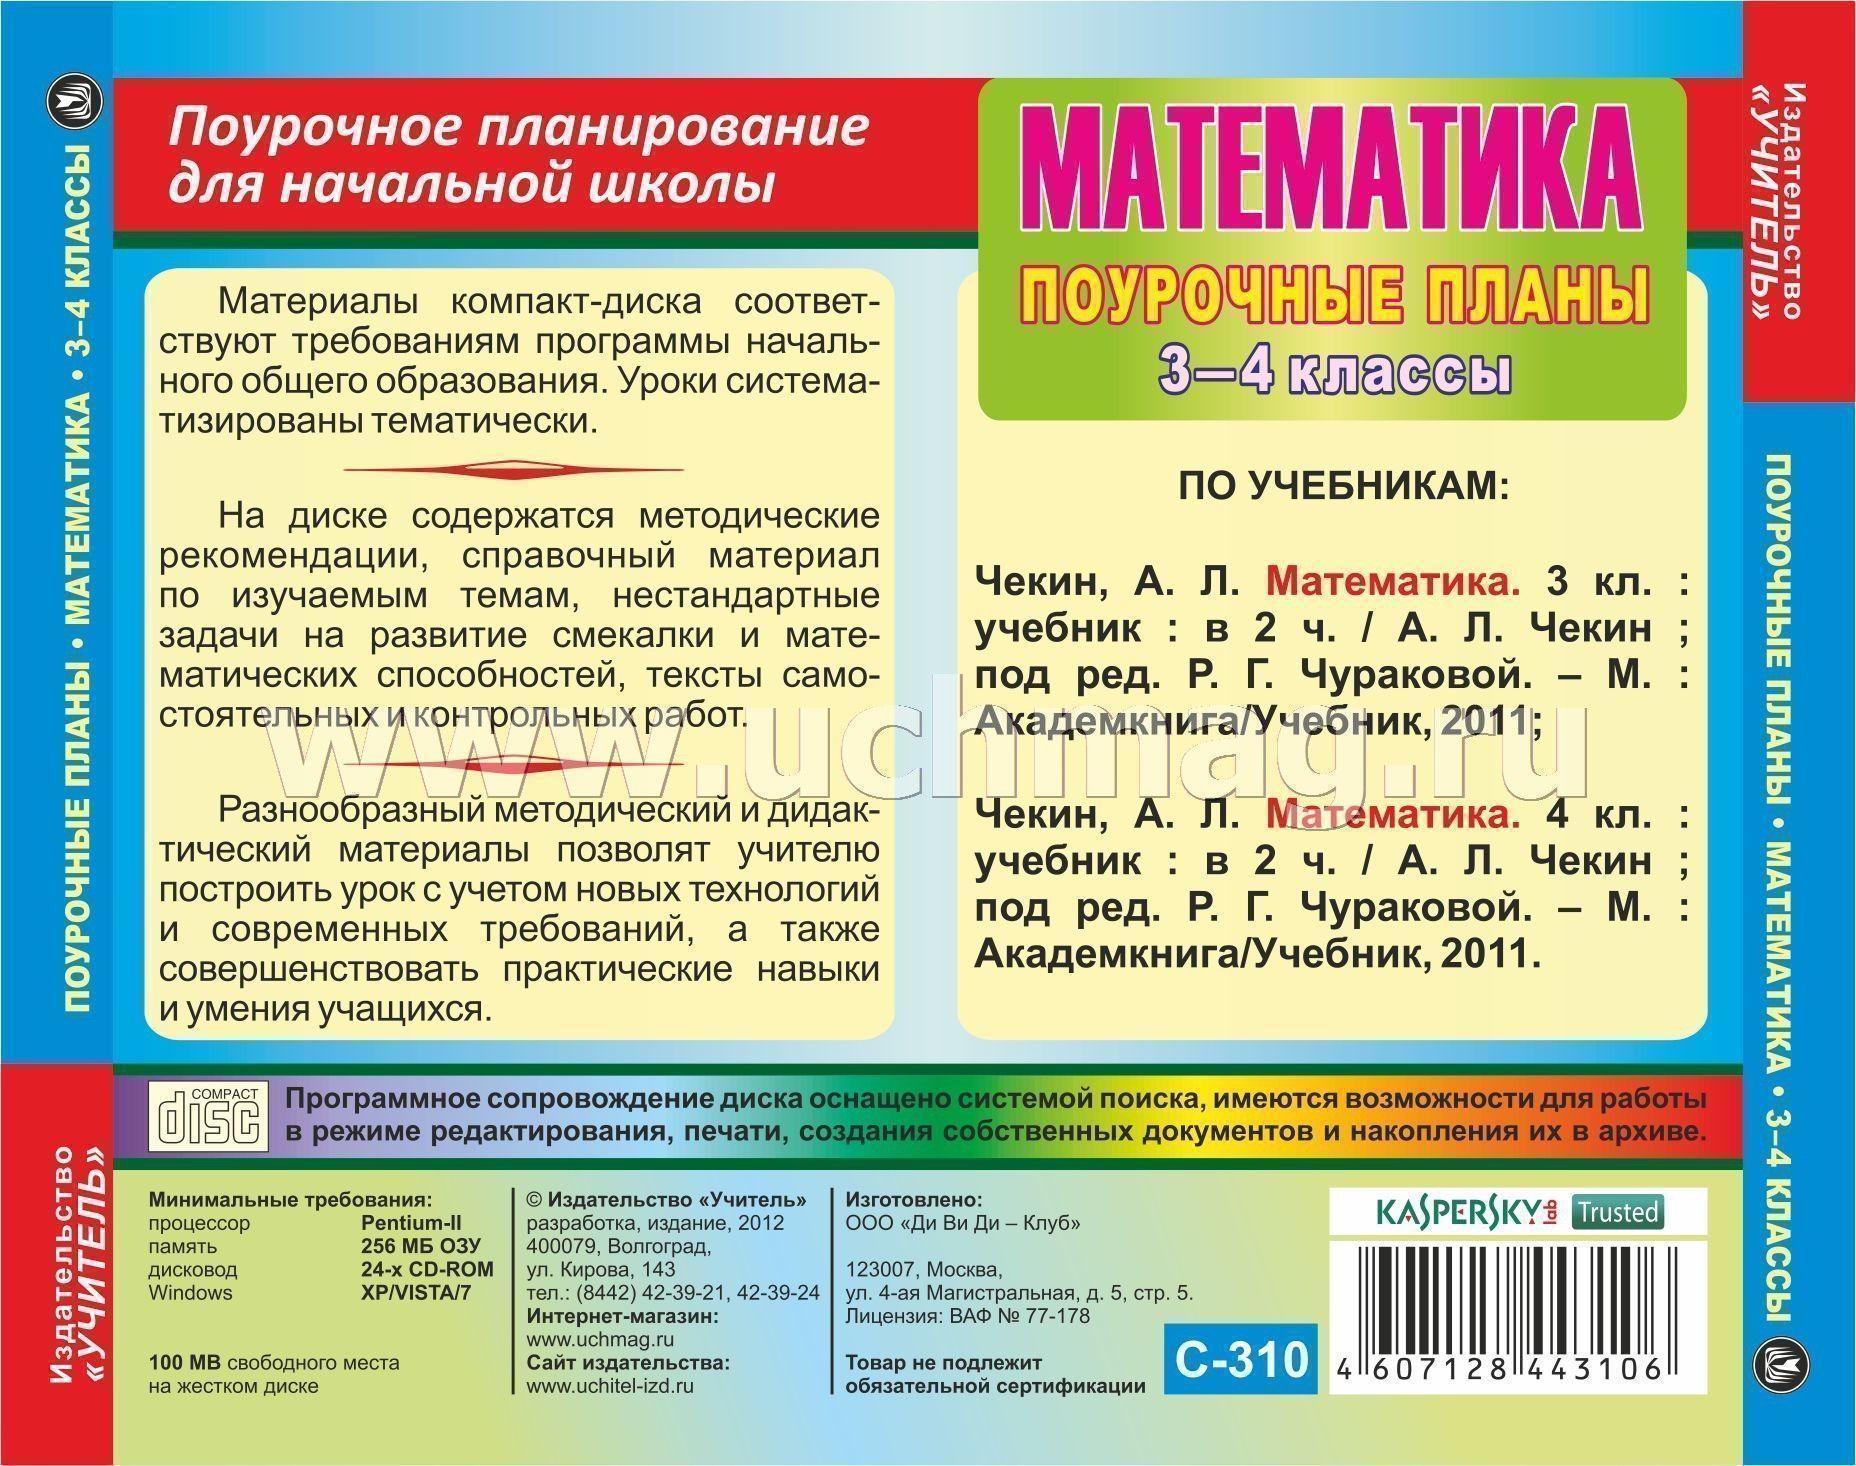 Читать мангу хвост феи 520 главу на русском